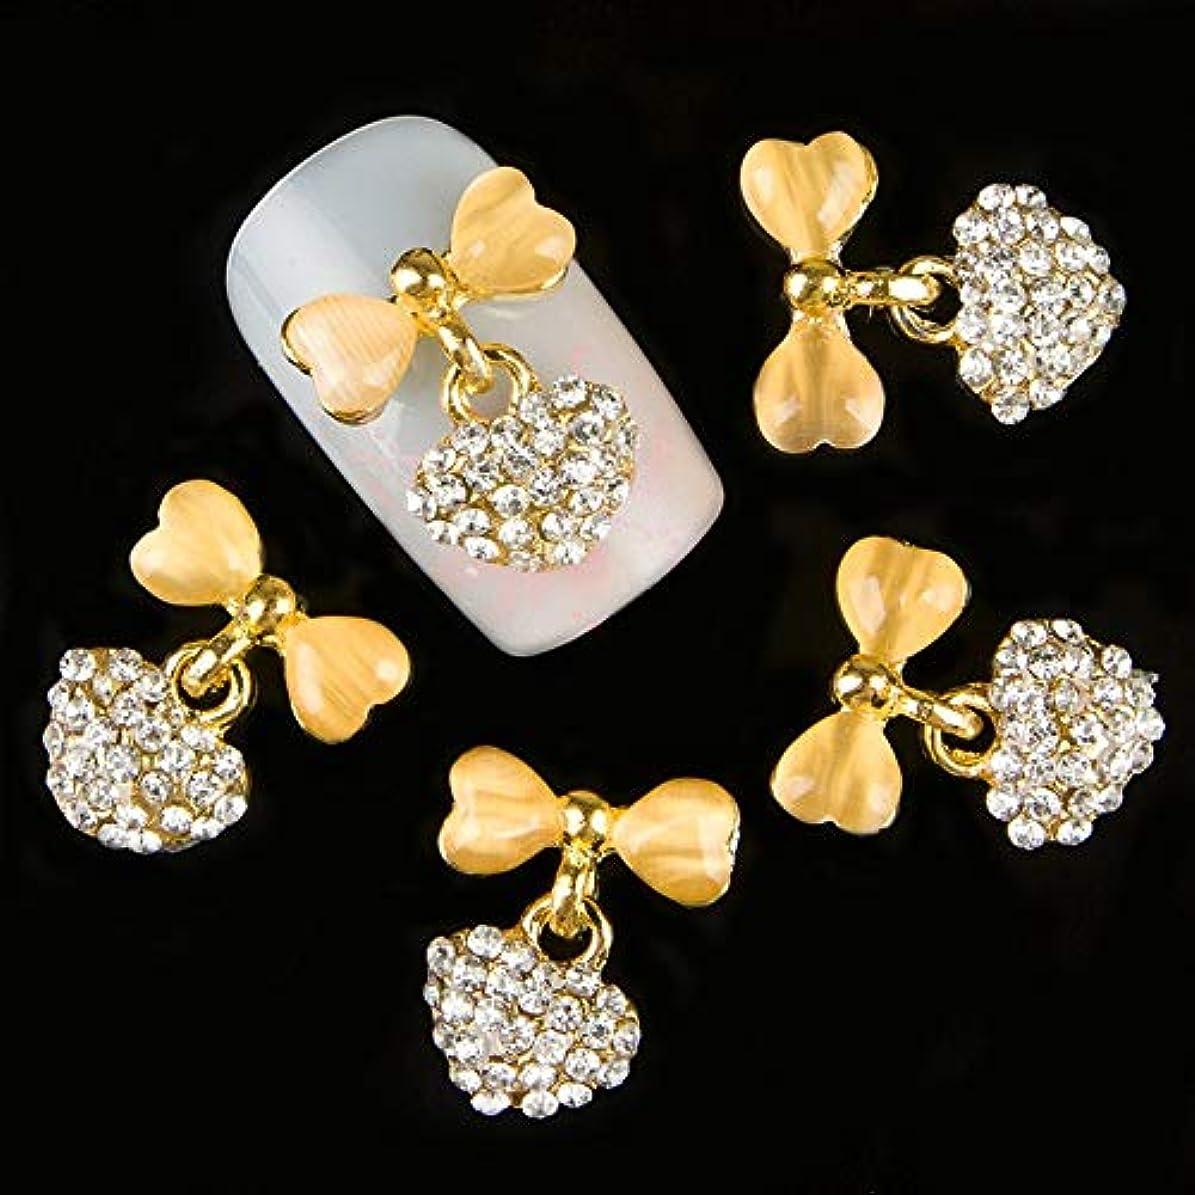 候補者手赤字10個入りの3D金の弓のきらめき宝石装飾ネイルアートのヒントデコレーションネイルスタッズラインストーン